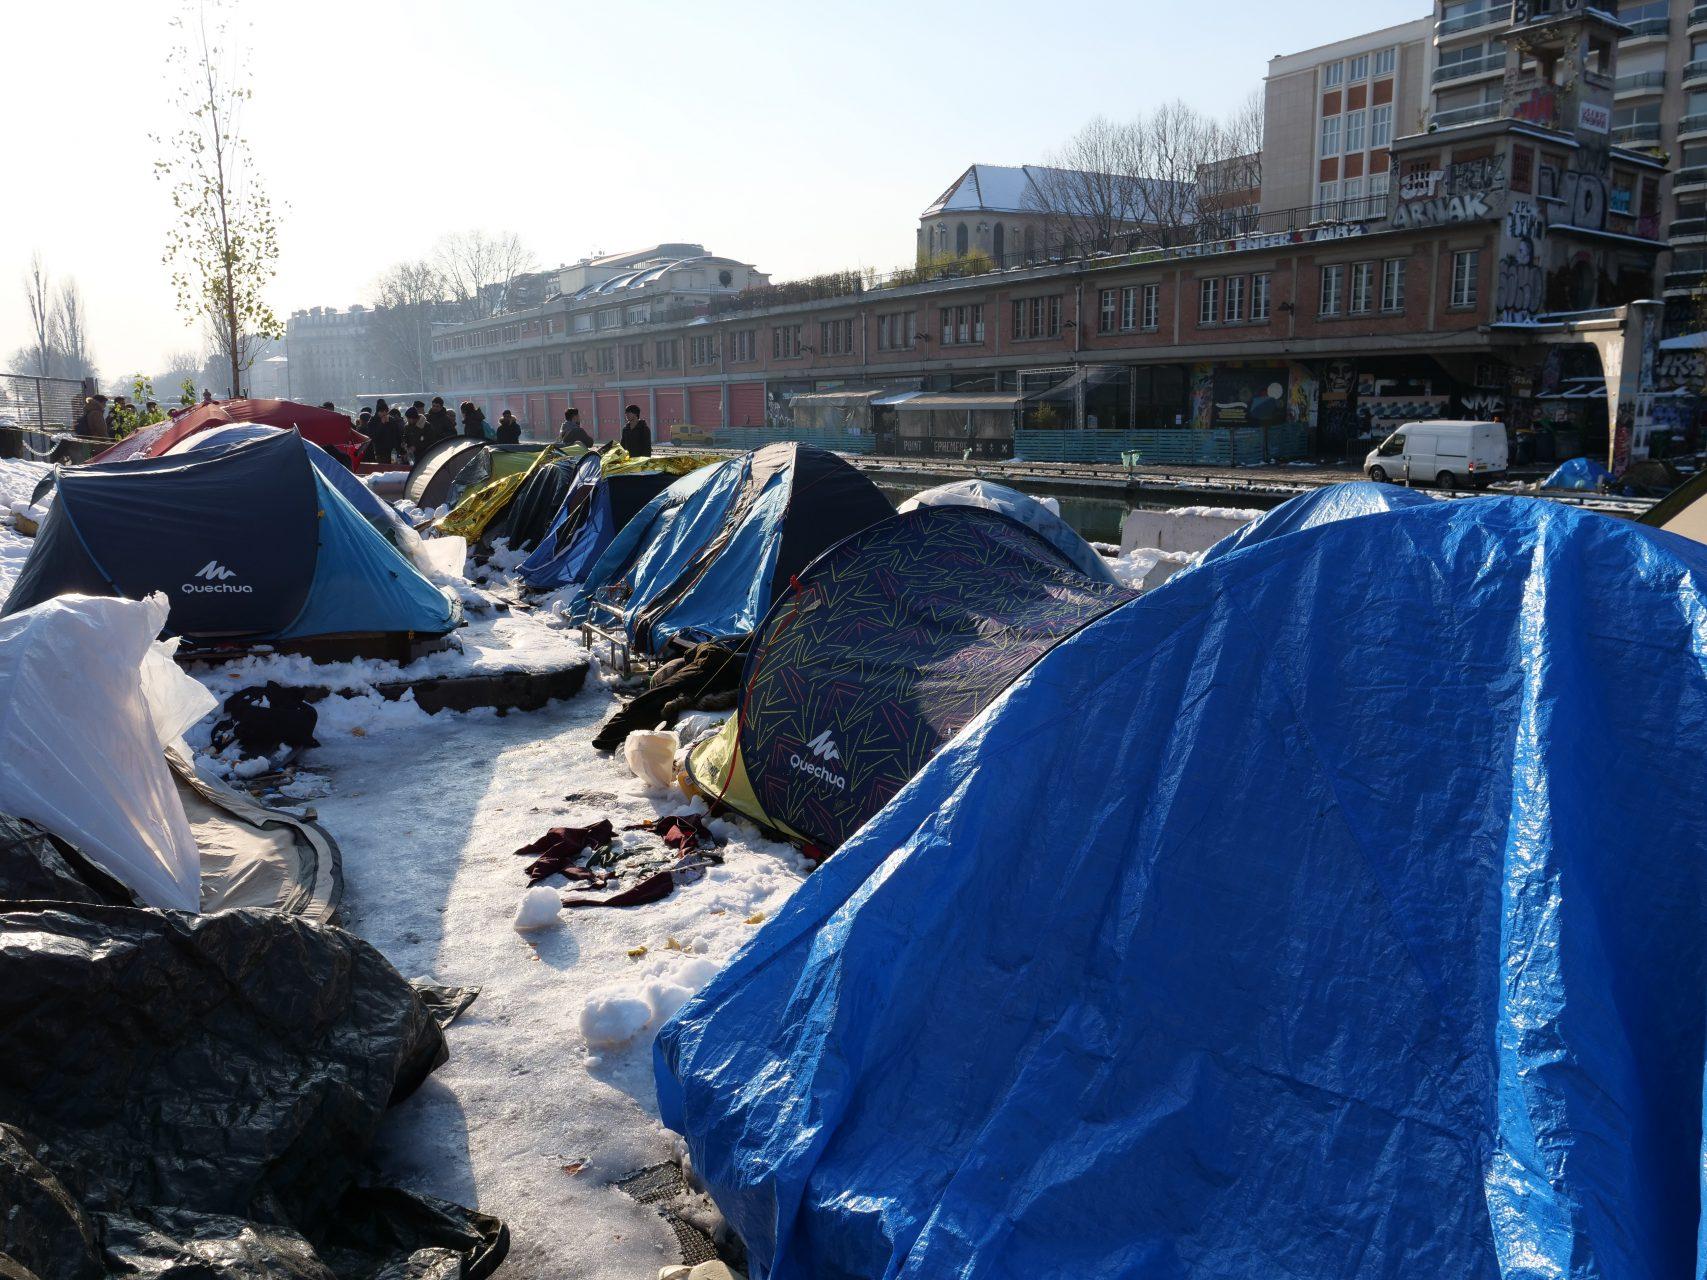 Les réfugiés de Stalingrad à Paris, février 2018